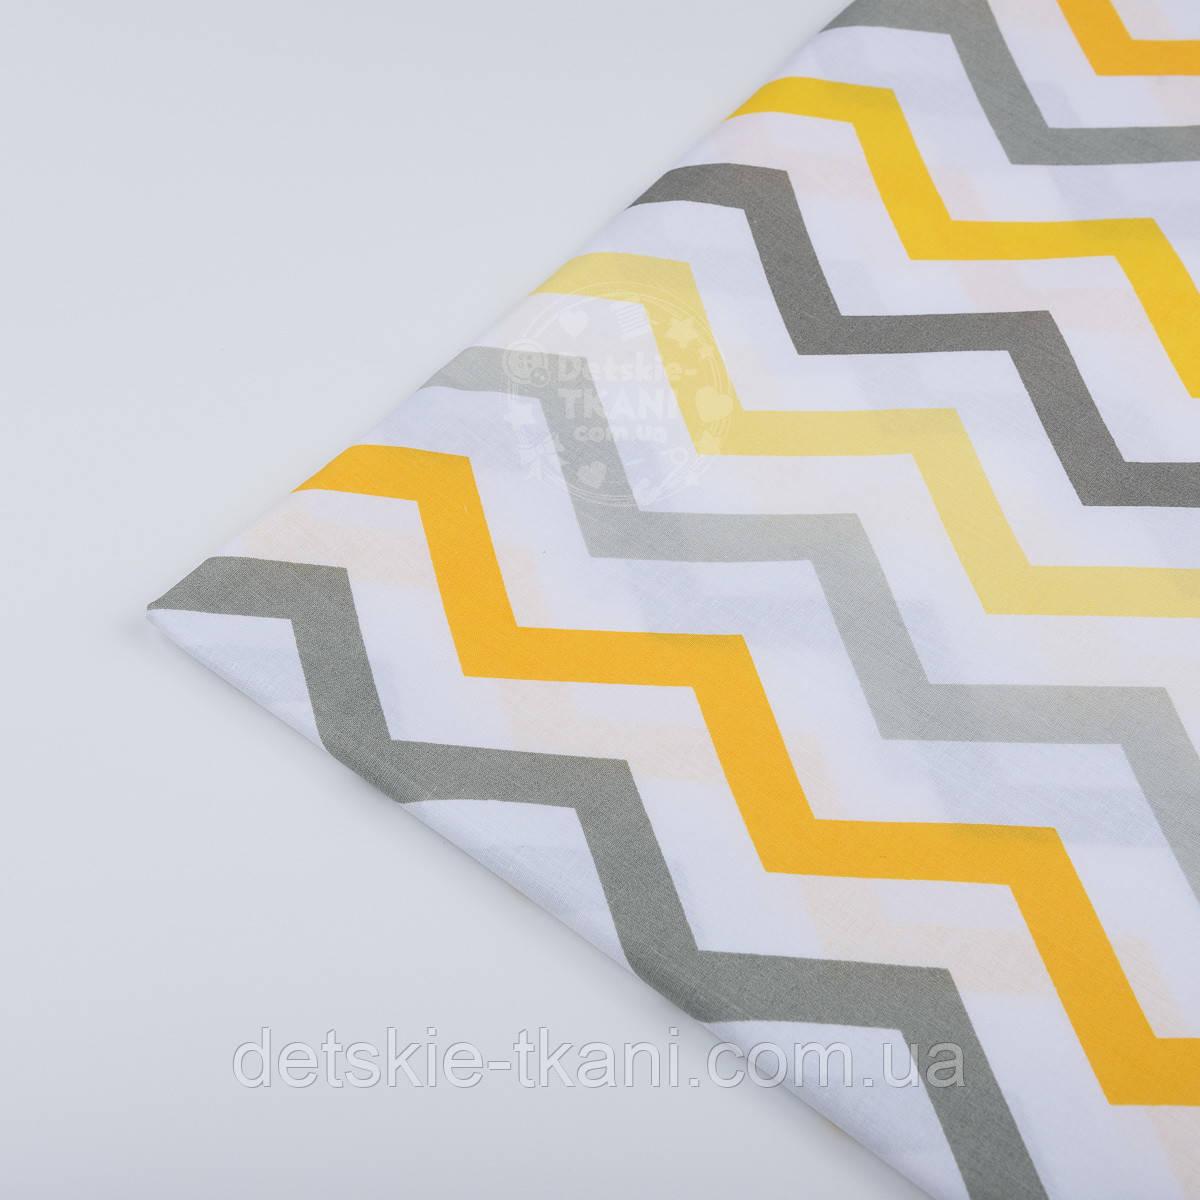 Лоскут ткани №269а  с серыми и жёлтыми зигзагами разных оттенков. размер 45*66 см